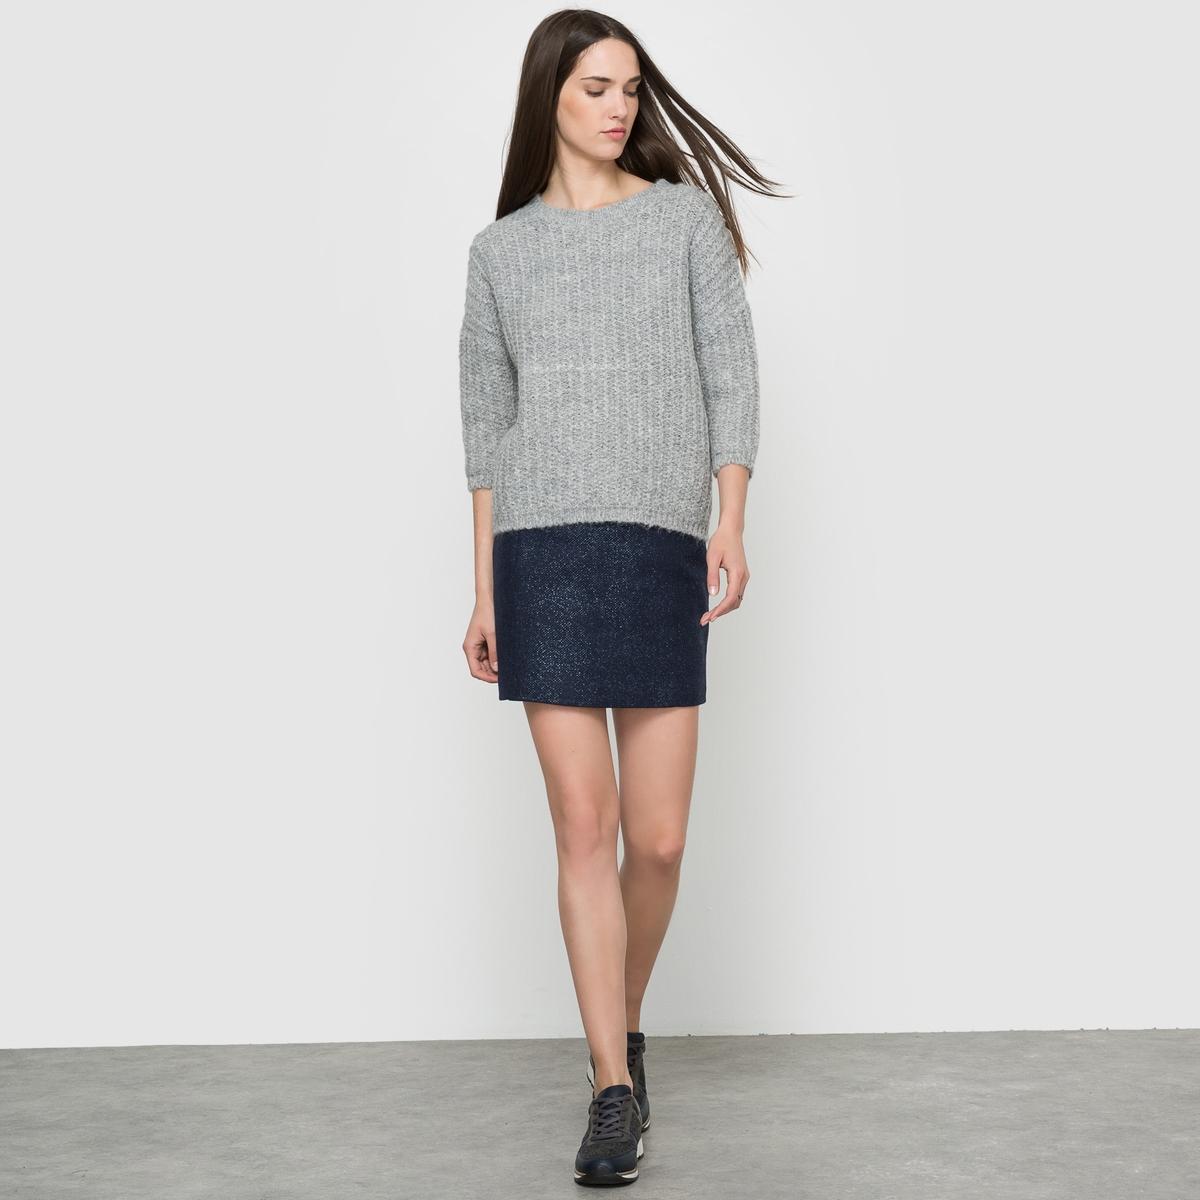 Юбка короткая.Короткая твидовая юбка с серебристым отливом. Застёжка на скрытую молнию сзади. Состав и описание:Материал: 100% полиэстера.Подкладка: 100% хлопка.Длина: 42 см.Марка: SUD EXPRESS.<br><br>Цвет: синий<br>Размер: 38 (FR) - 44 (RUS).40 (FR) - 46 (RUS)